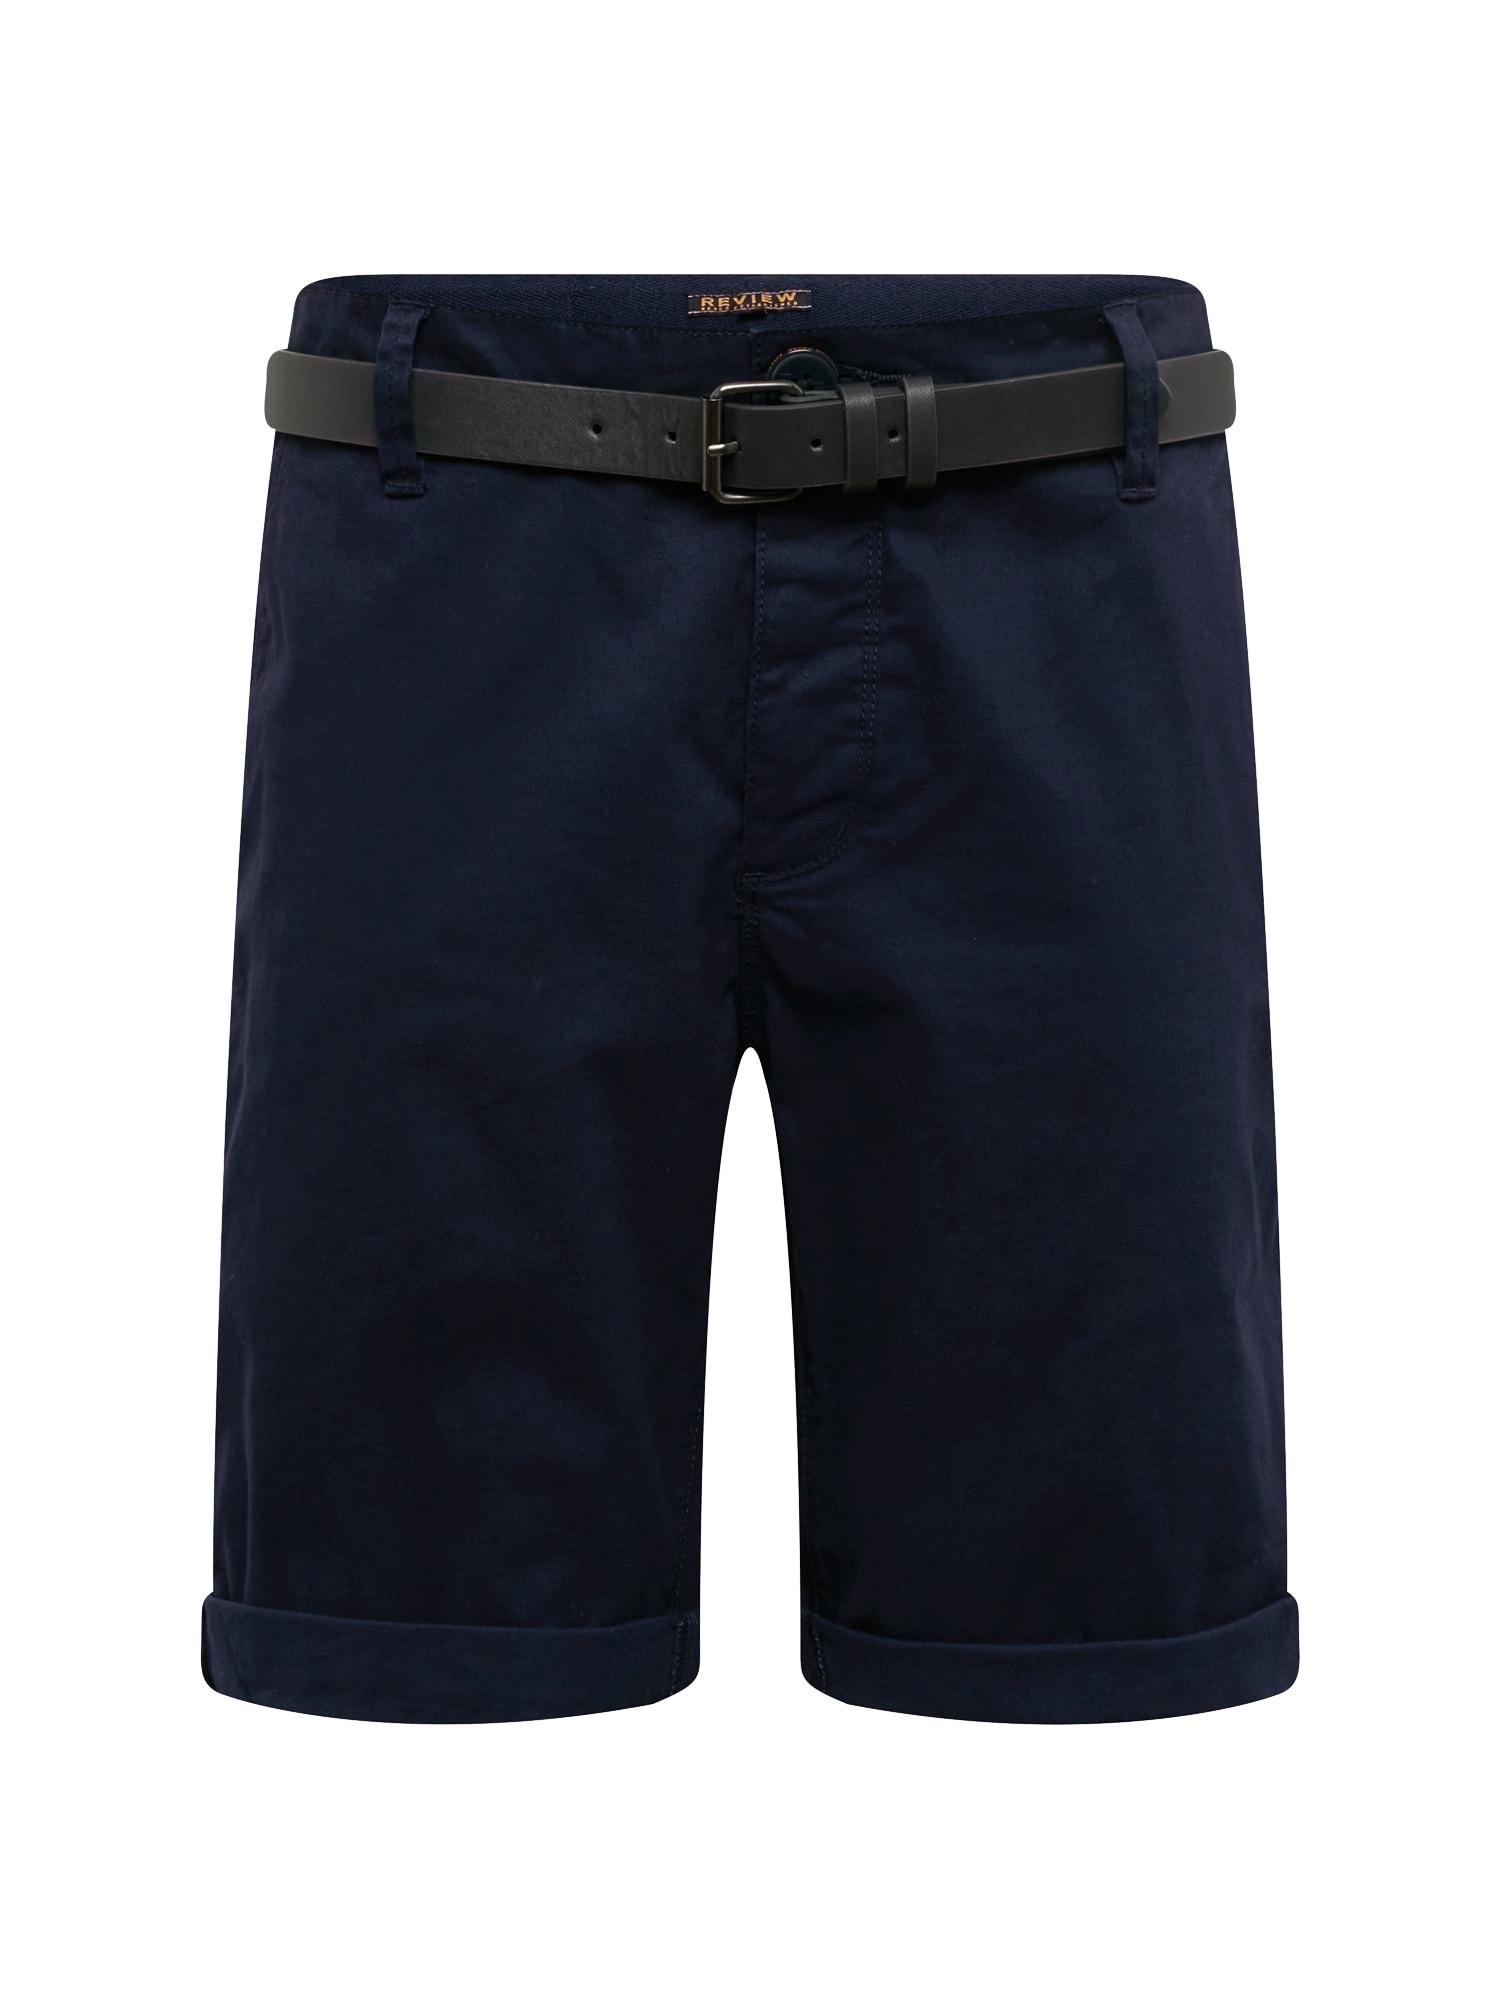 Chino kalhoty CHINO BASIC BELT námořnická modř Review